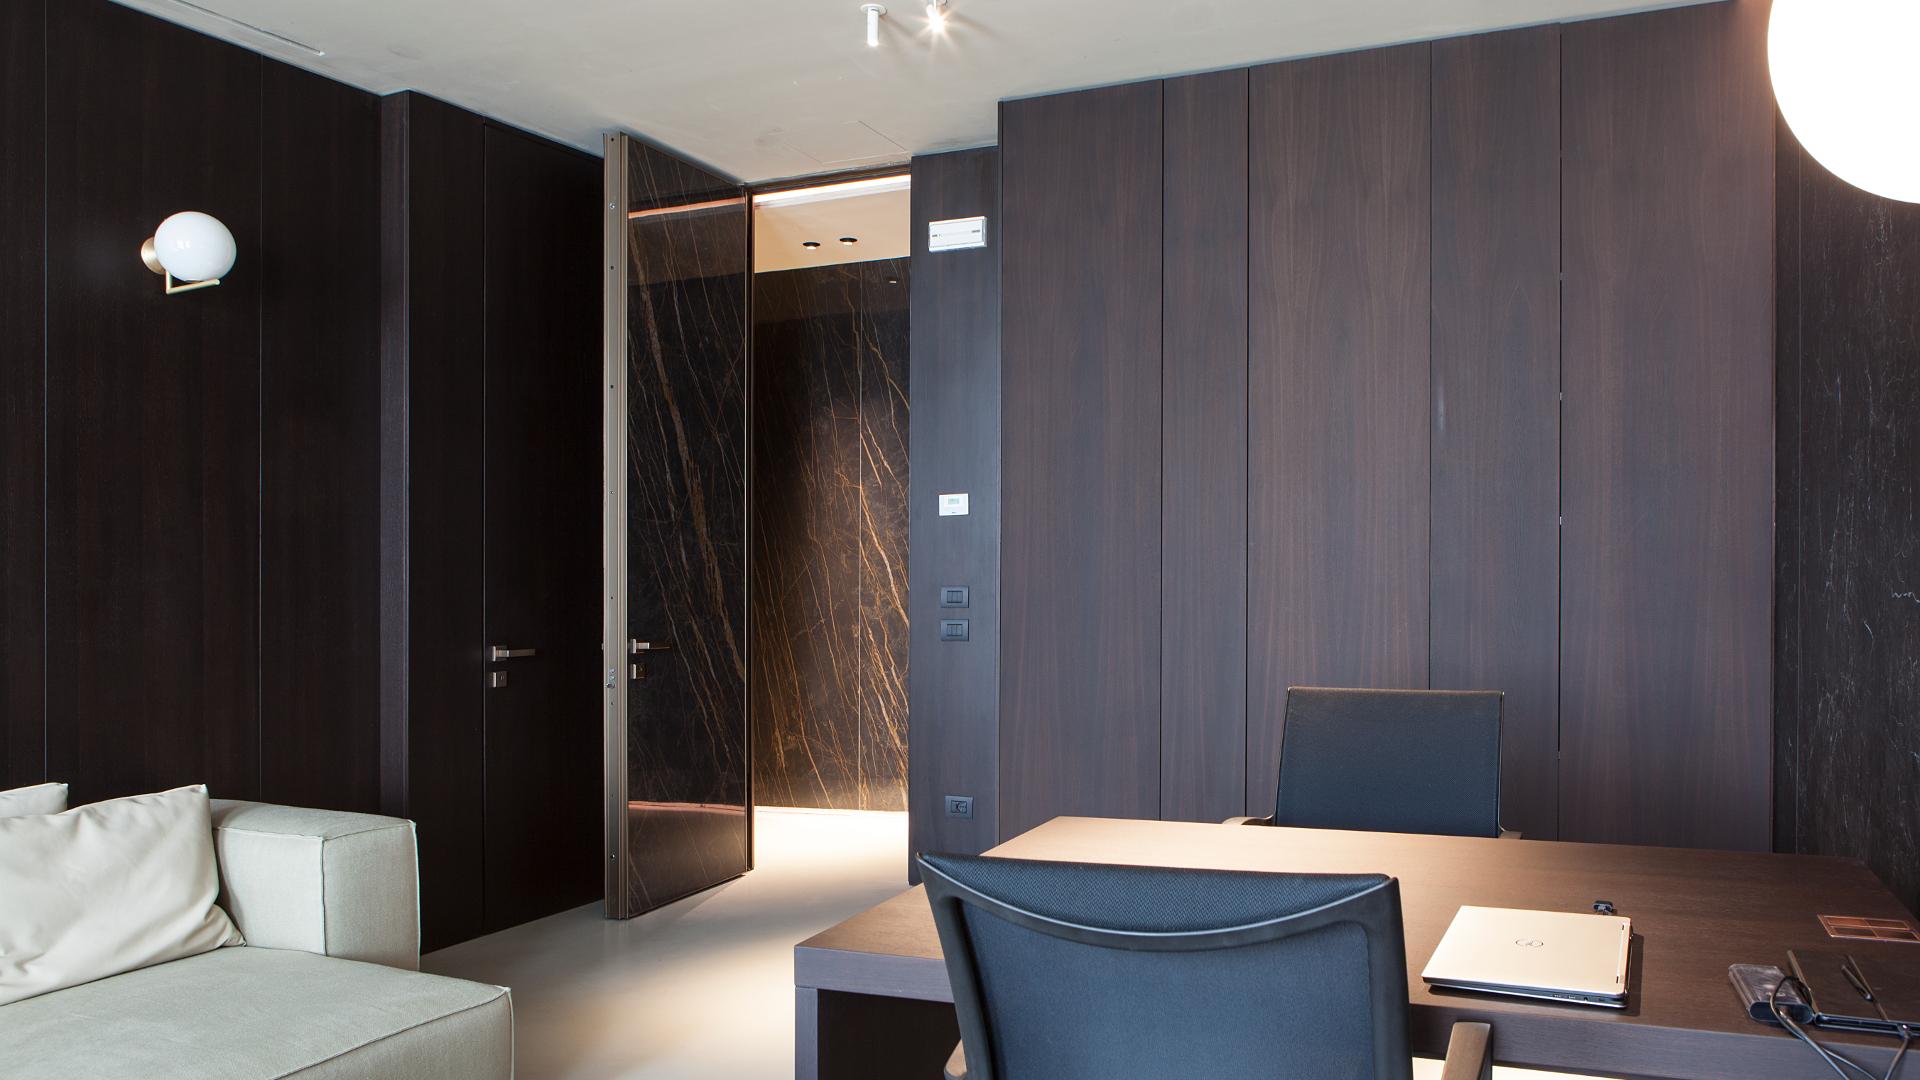 puerta Project de Oikos interior despacho